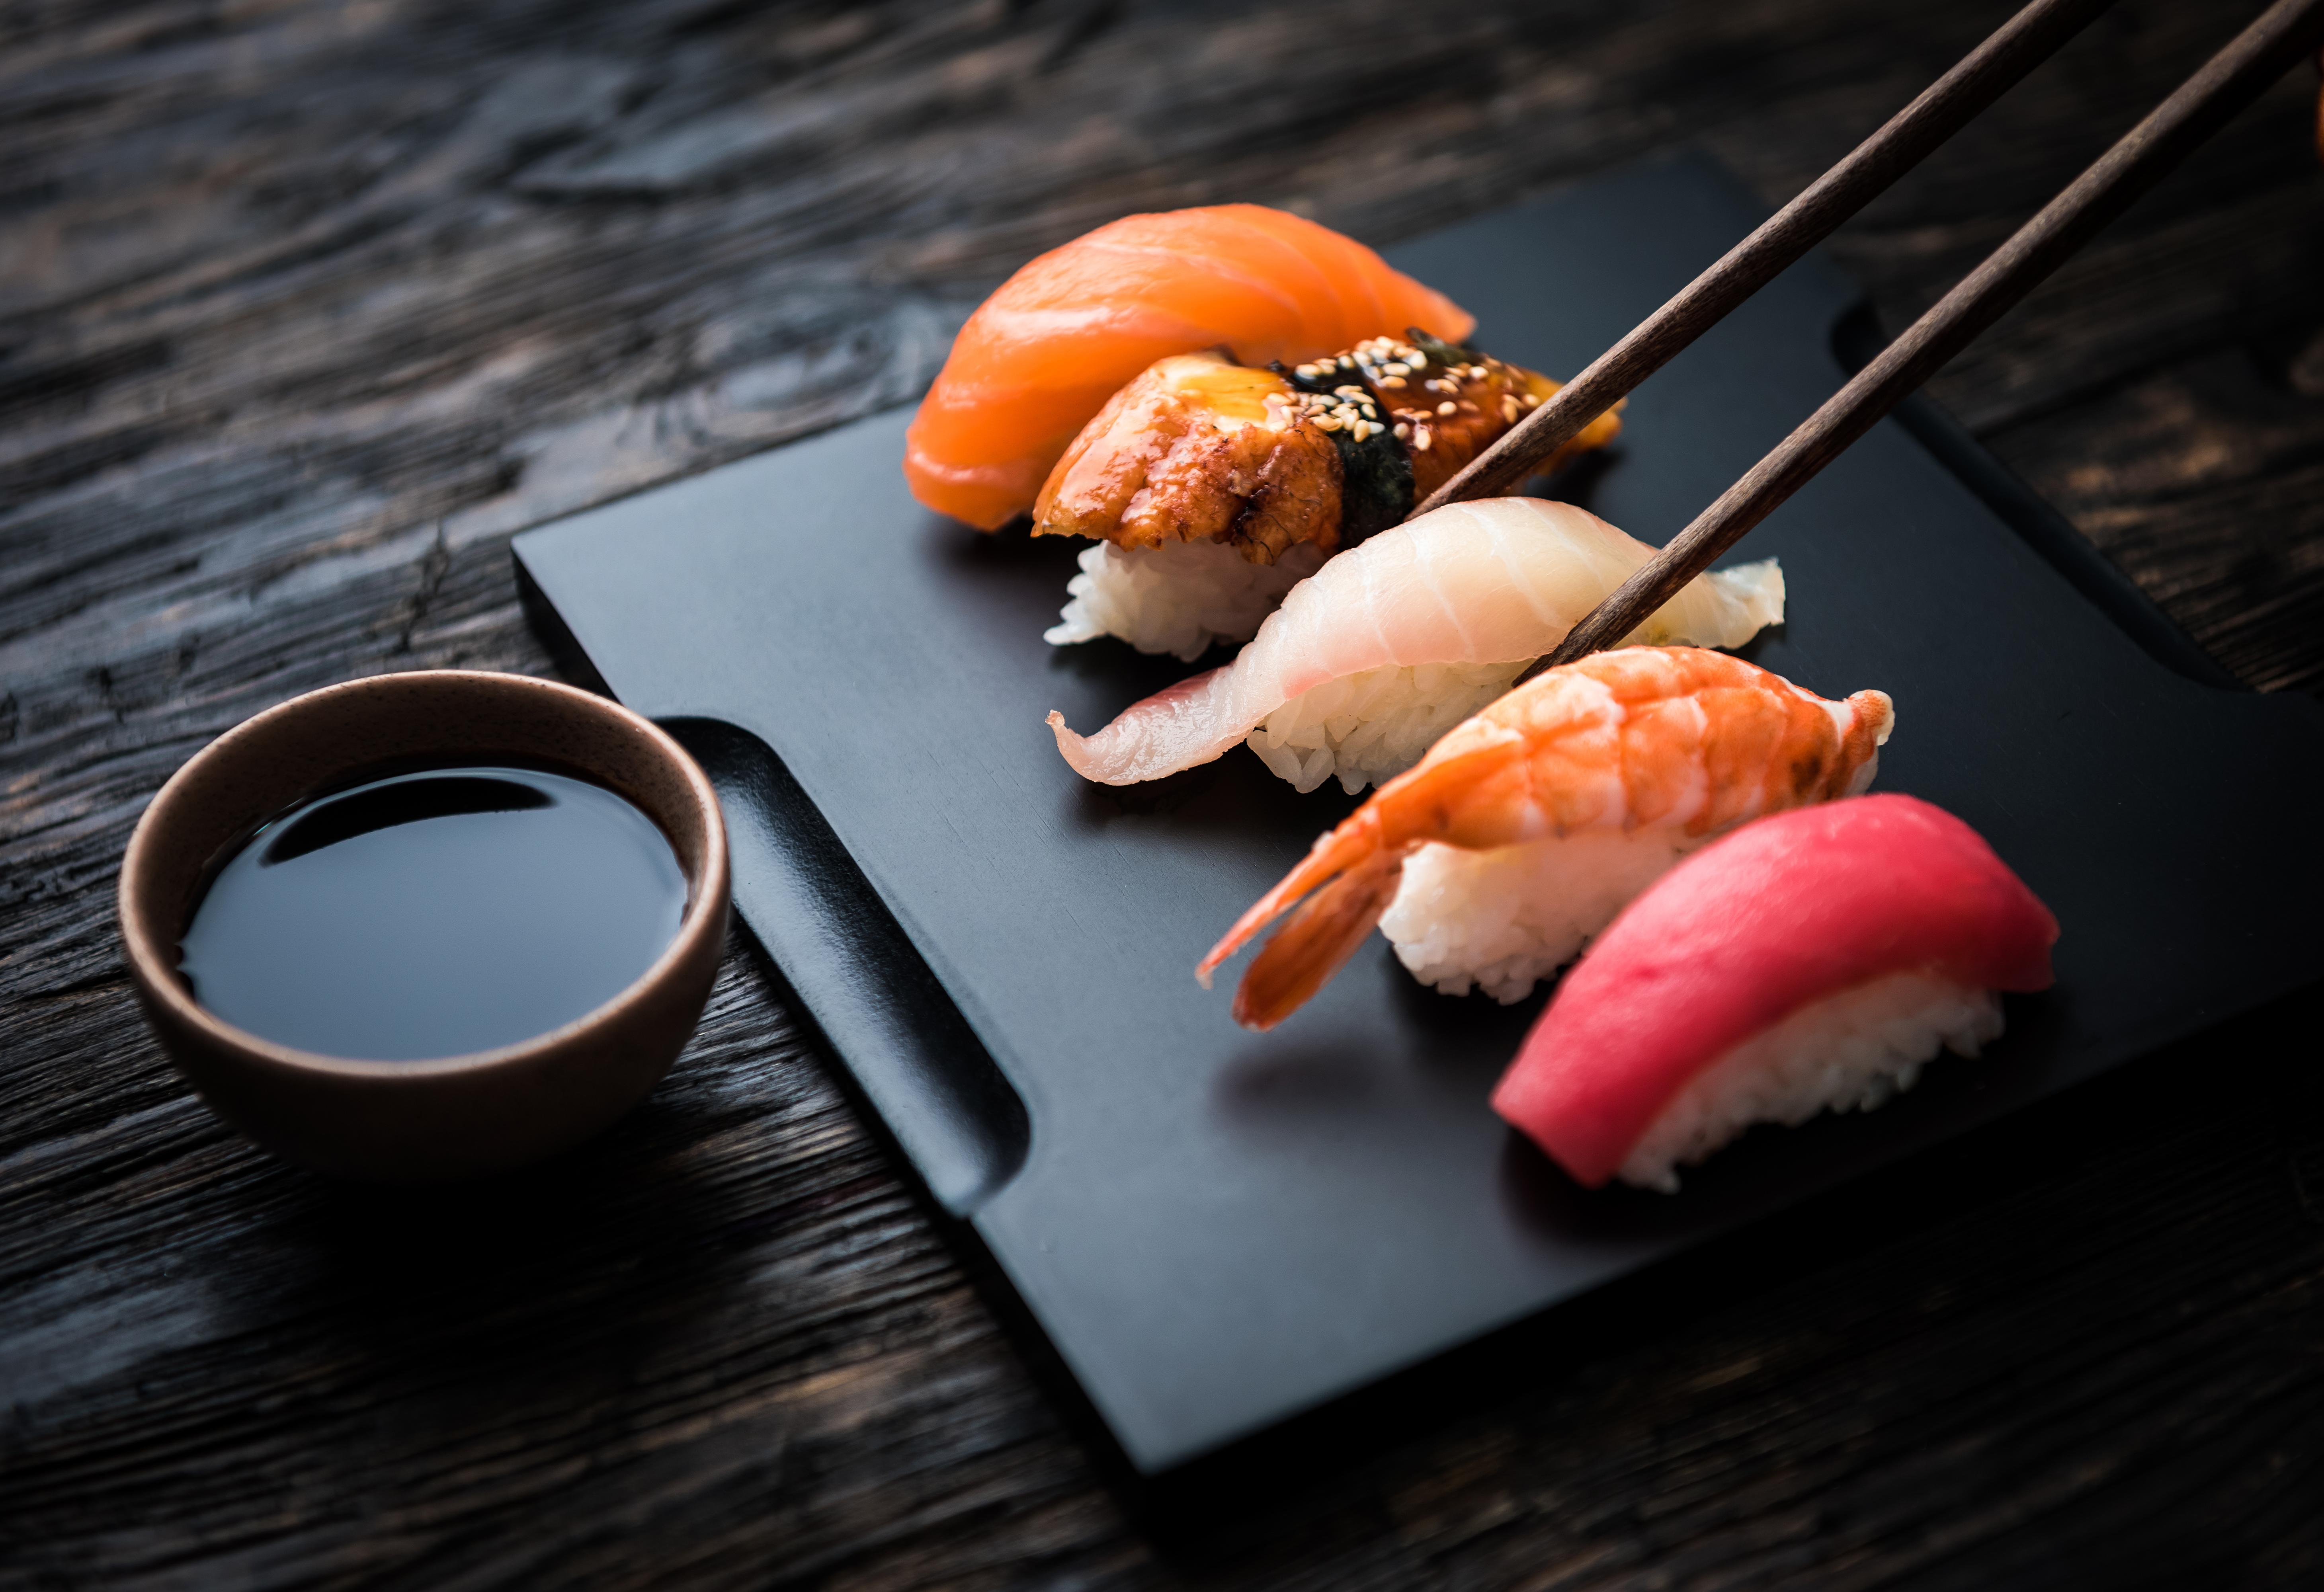 Sushi, chopsticks